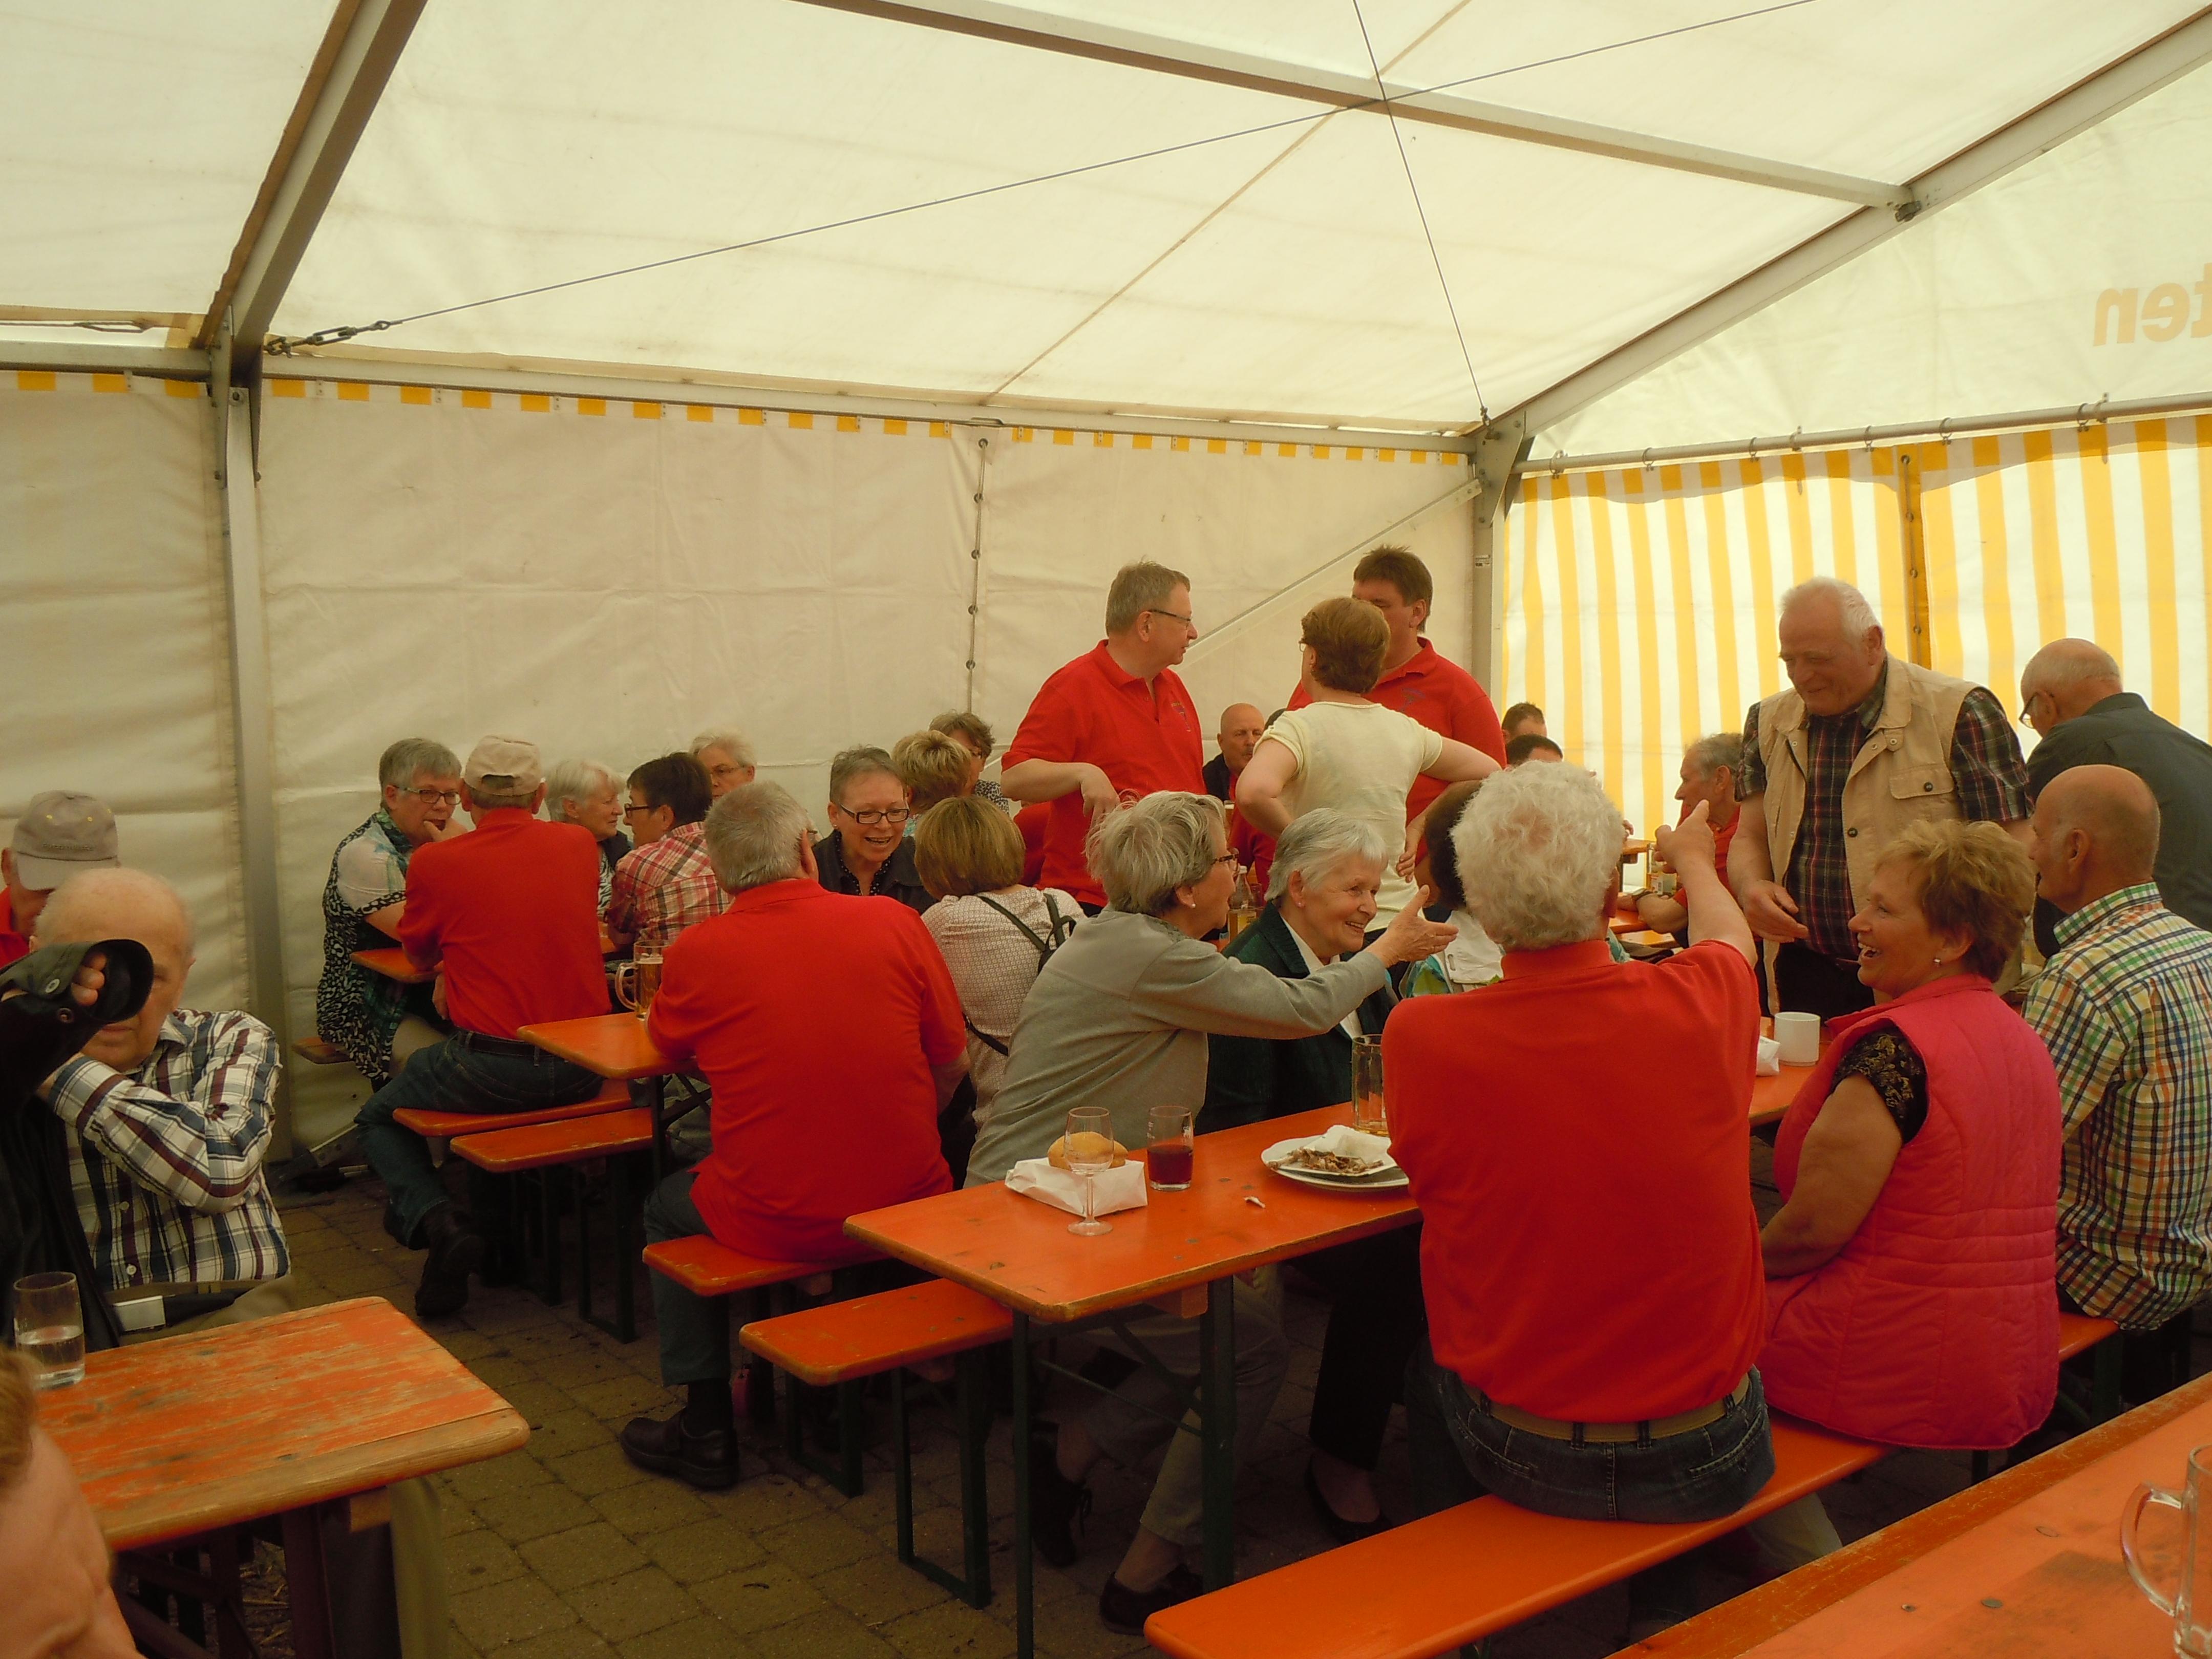 jahresausflug-lks-reisach-08-05-16-025